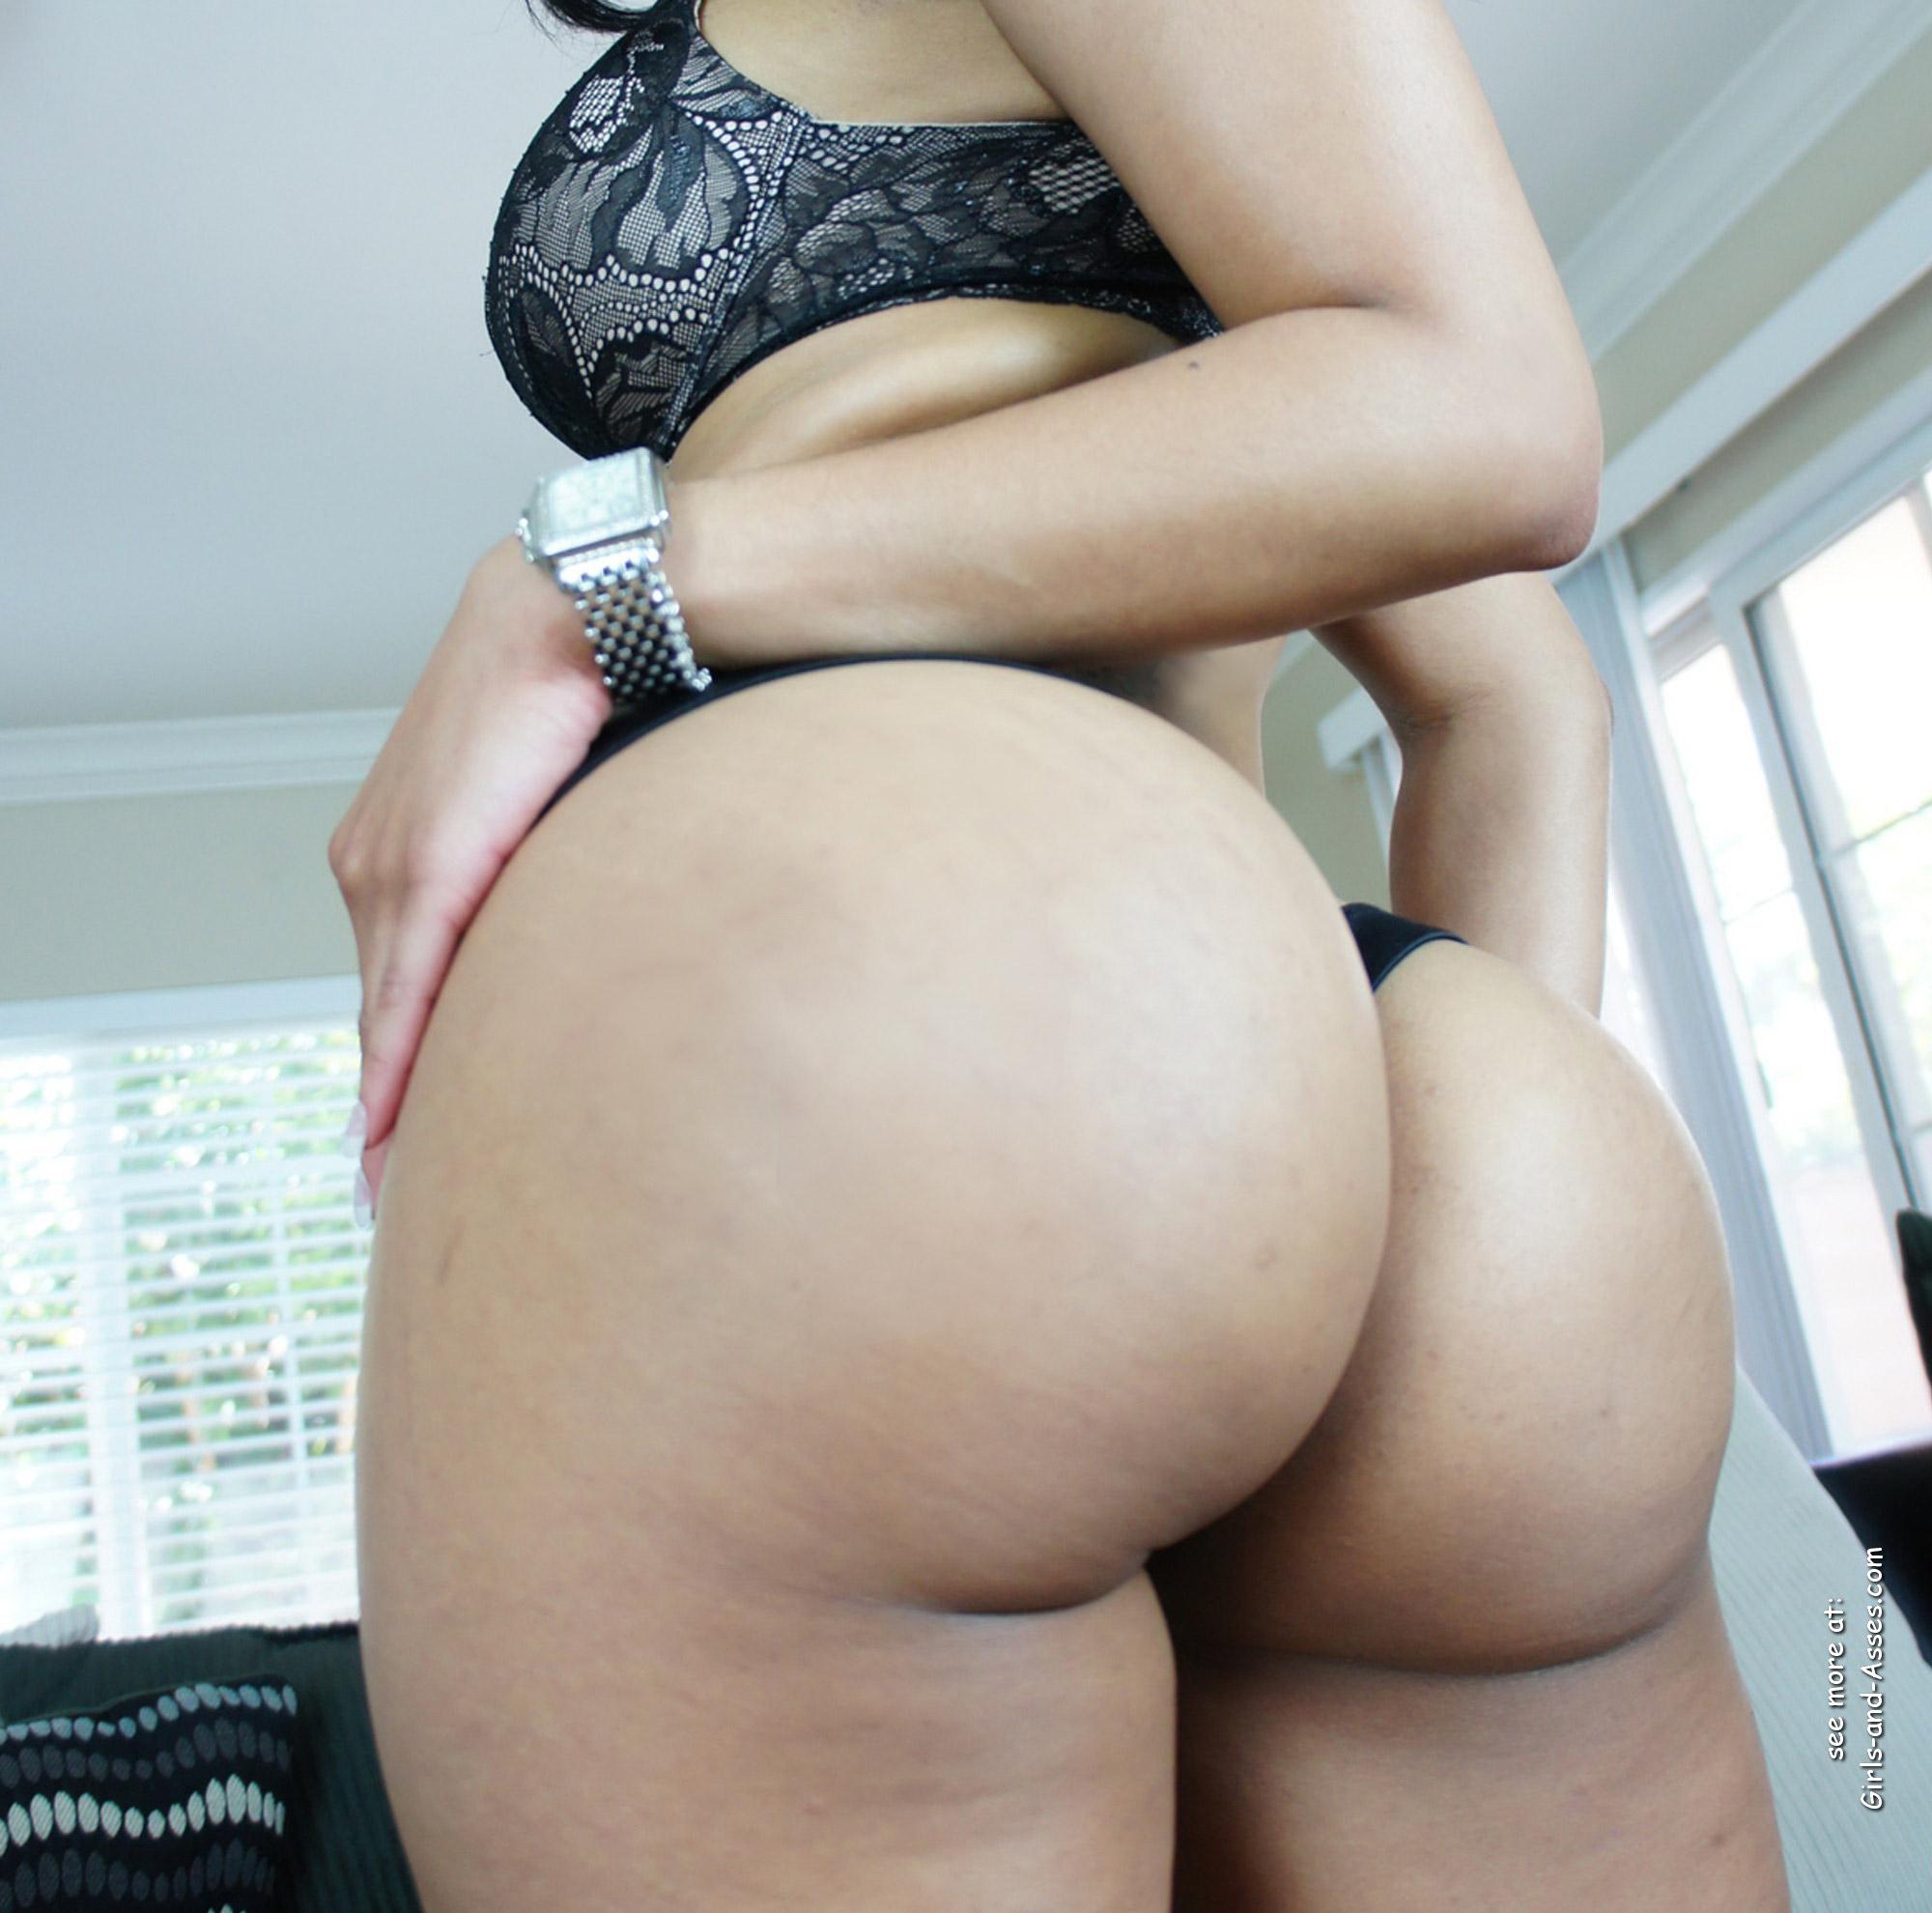 big assed naked brazilian babe photo 00529